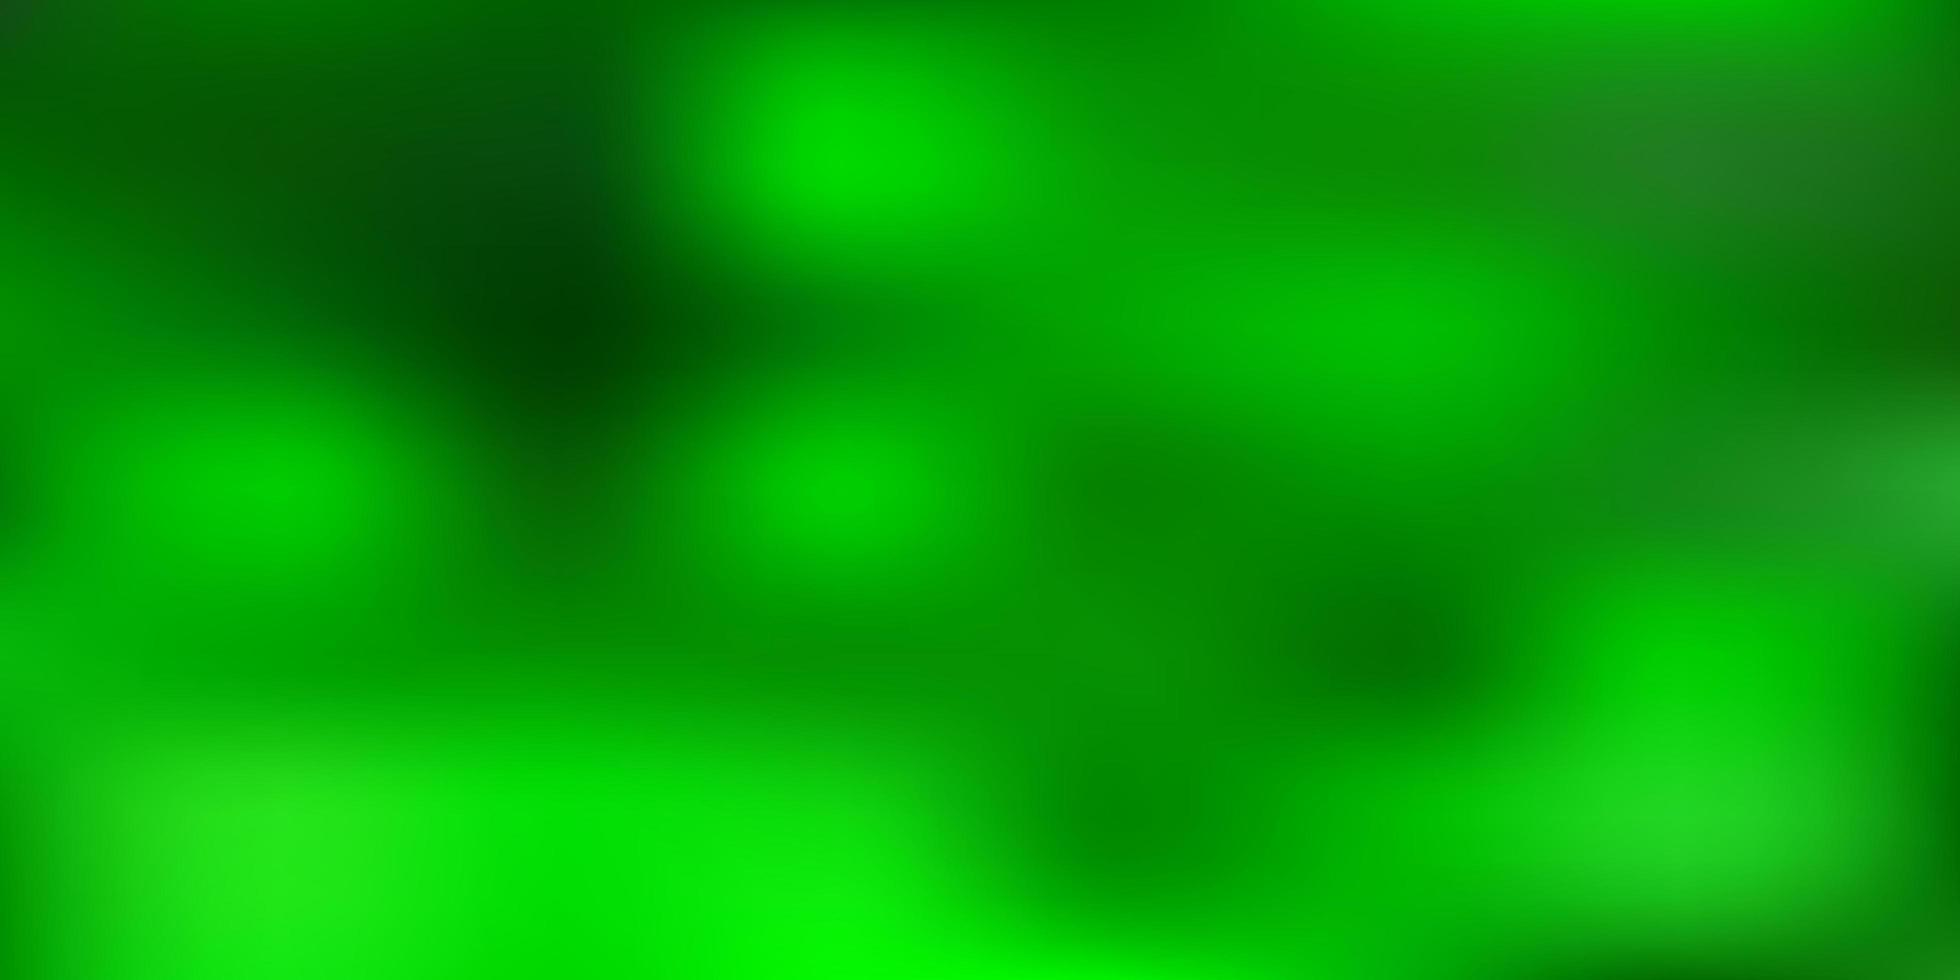 Light green vector blur drawing.